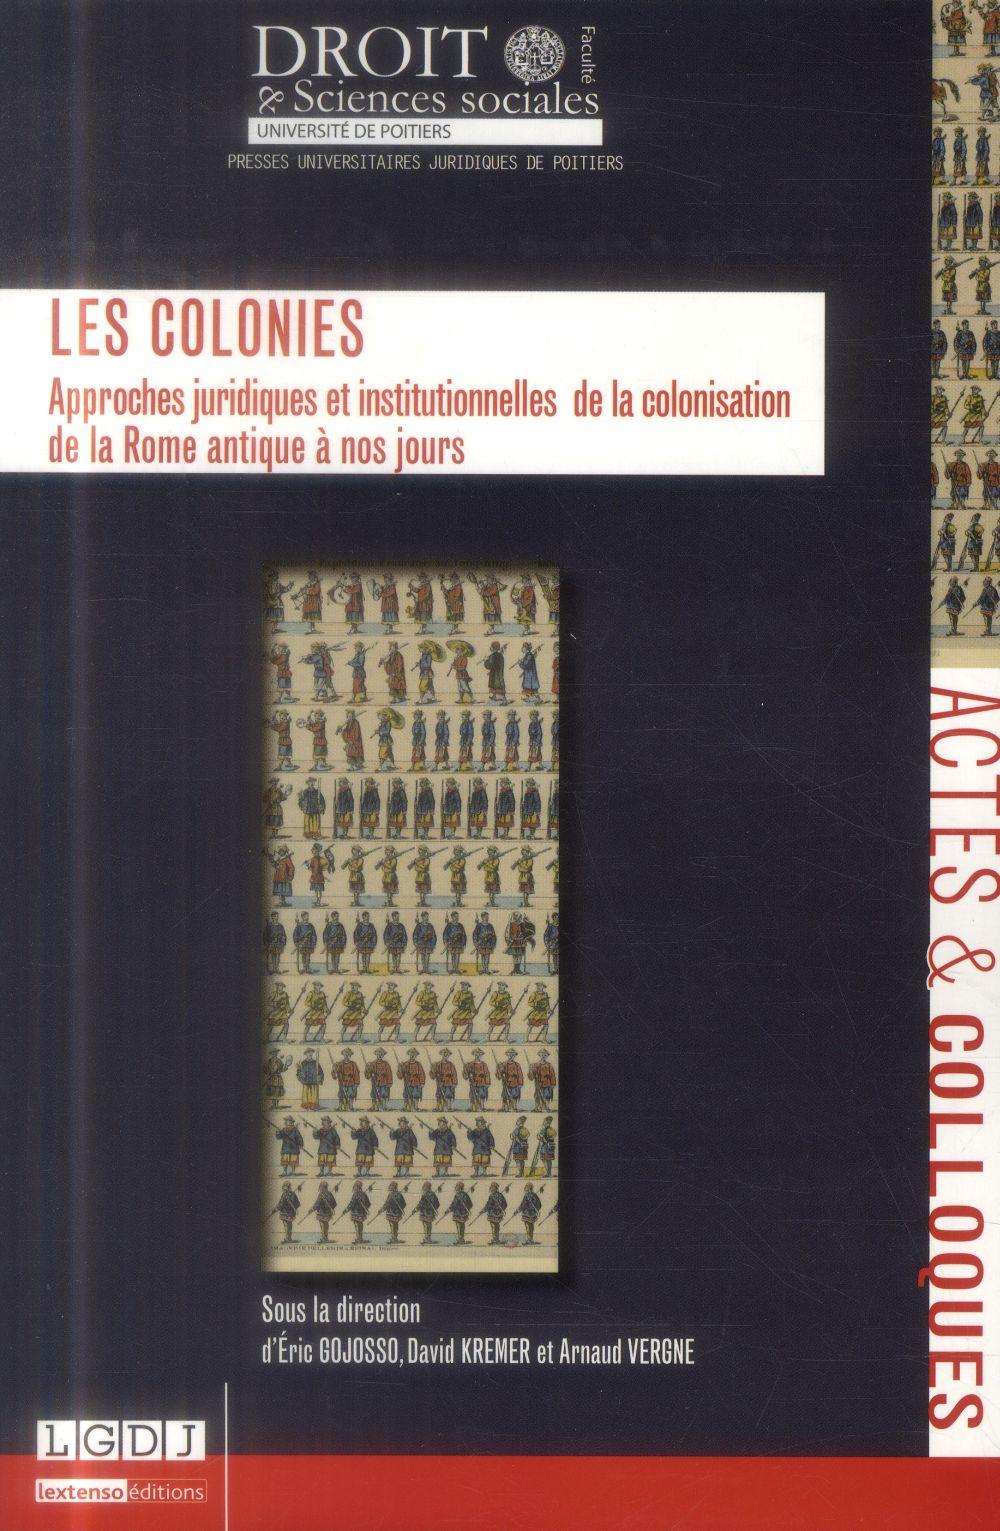 LES COLONIES. APPROCHES JURIDIQUES ET INSTITUTIONNELLES DE LA COLONISATION DE LA ROME ANTIQUE A NOS